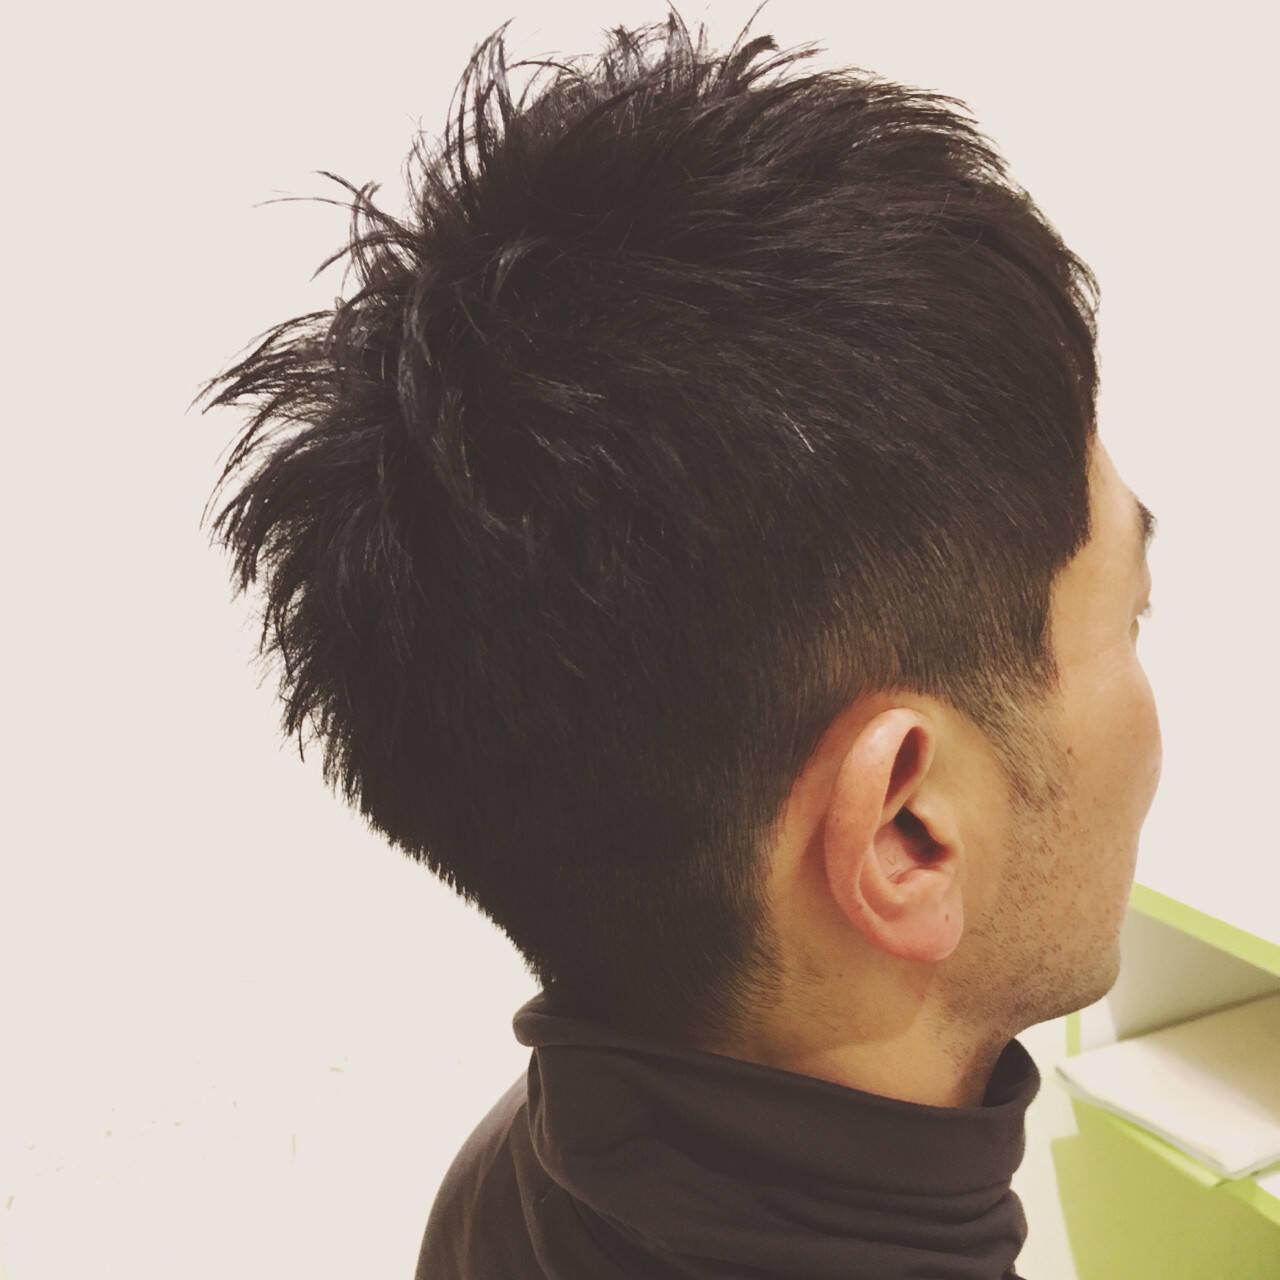 爽やか ナチュラル ショート メンズヘアスタイルや髪型の写真・画像